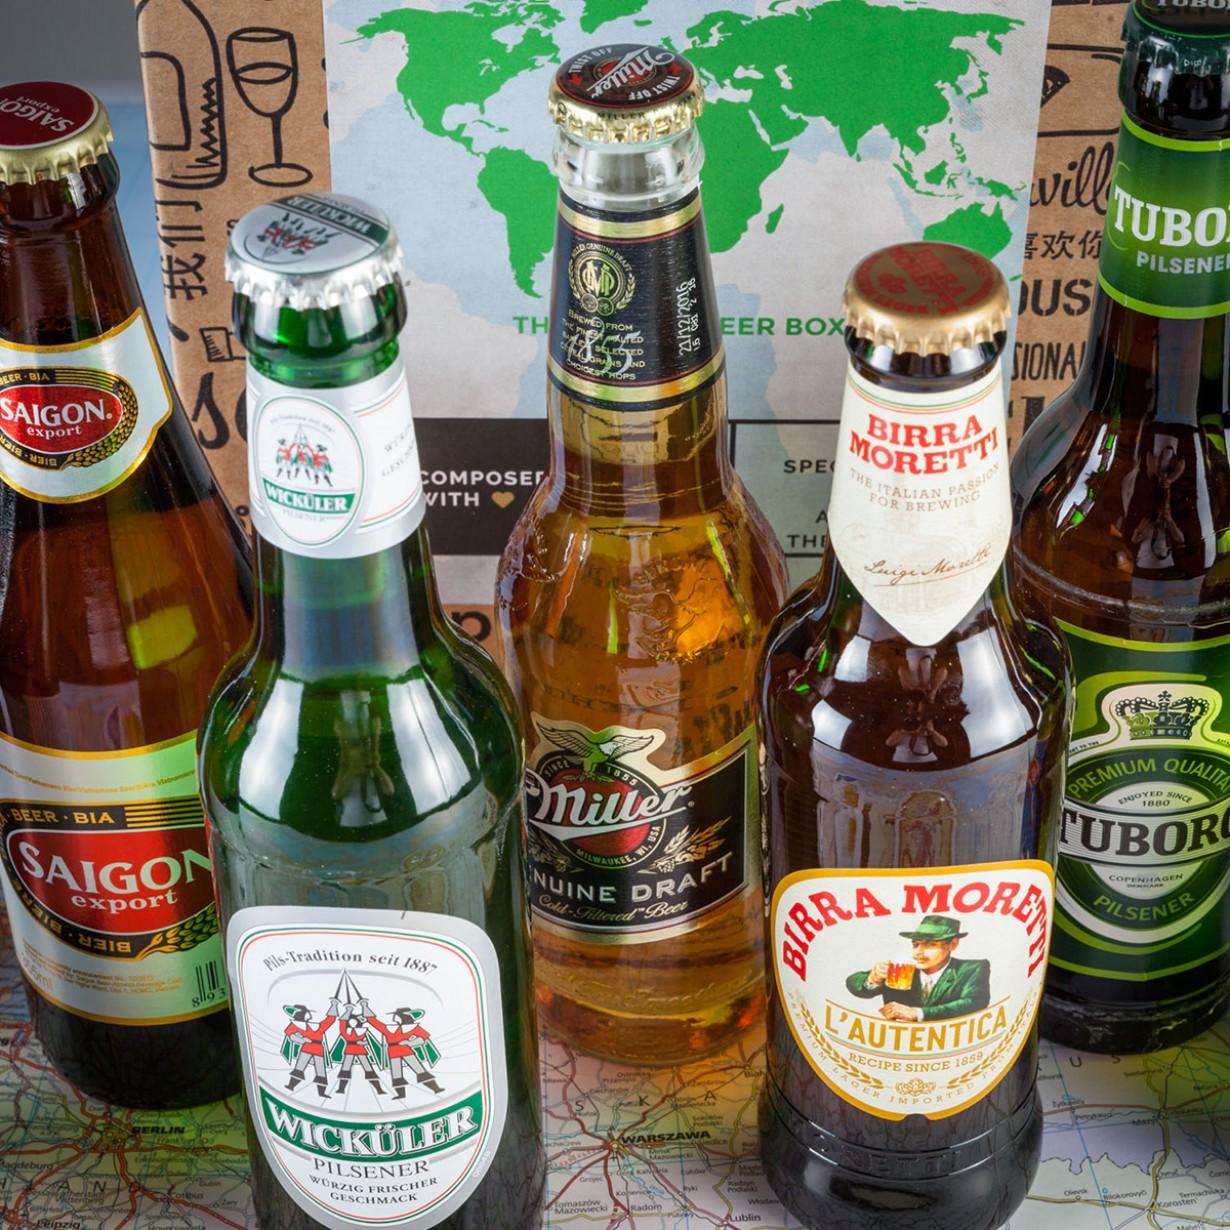 Bier-Set zum verschenken